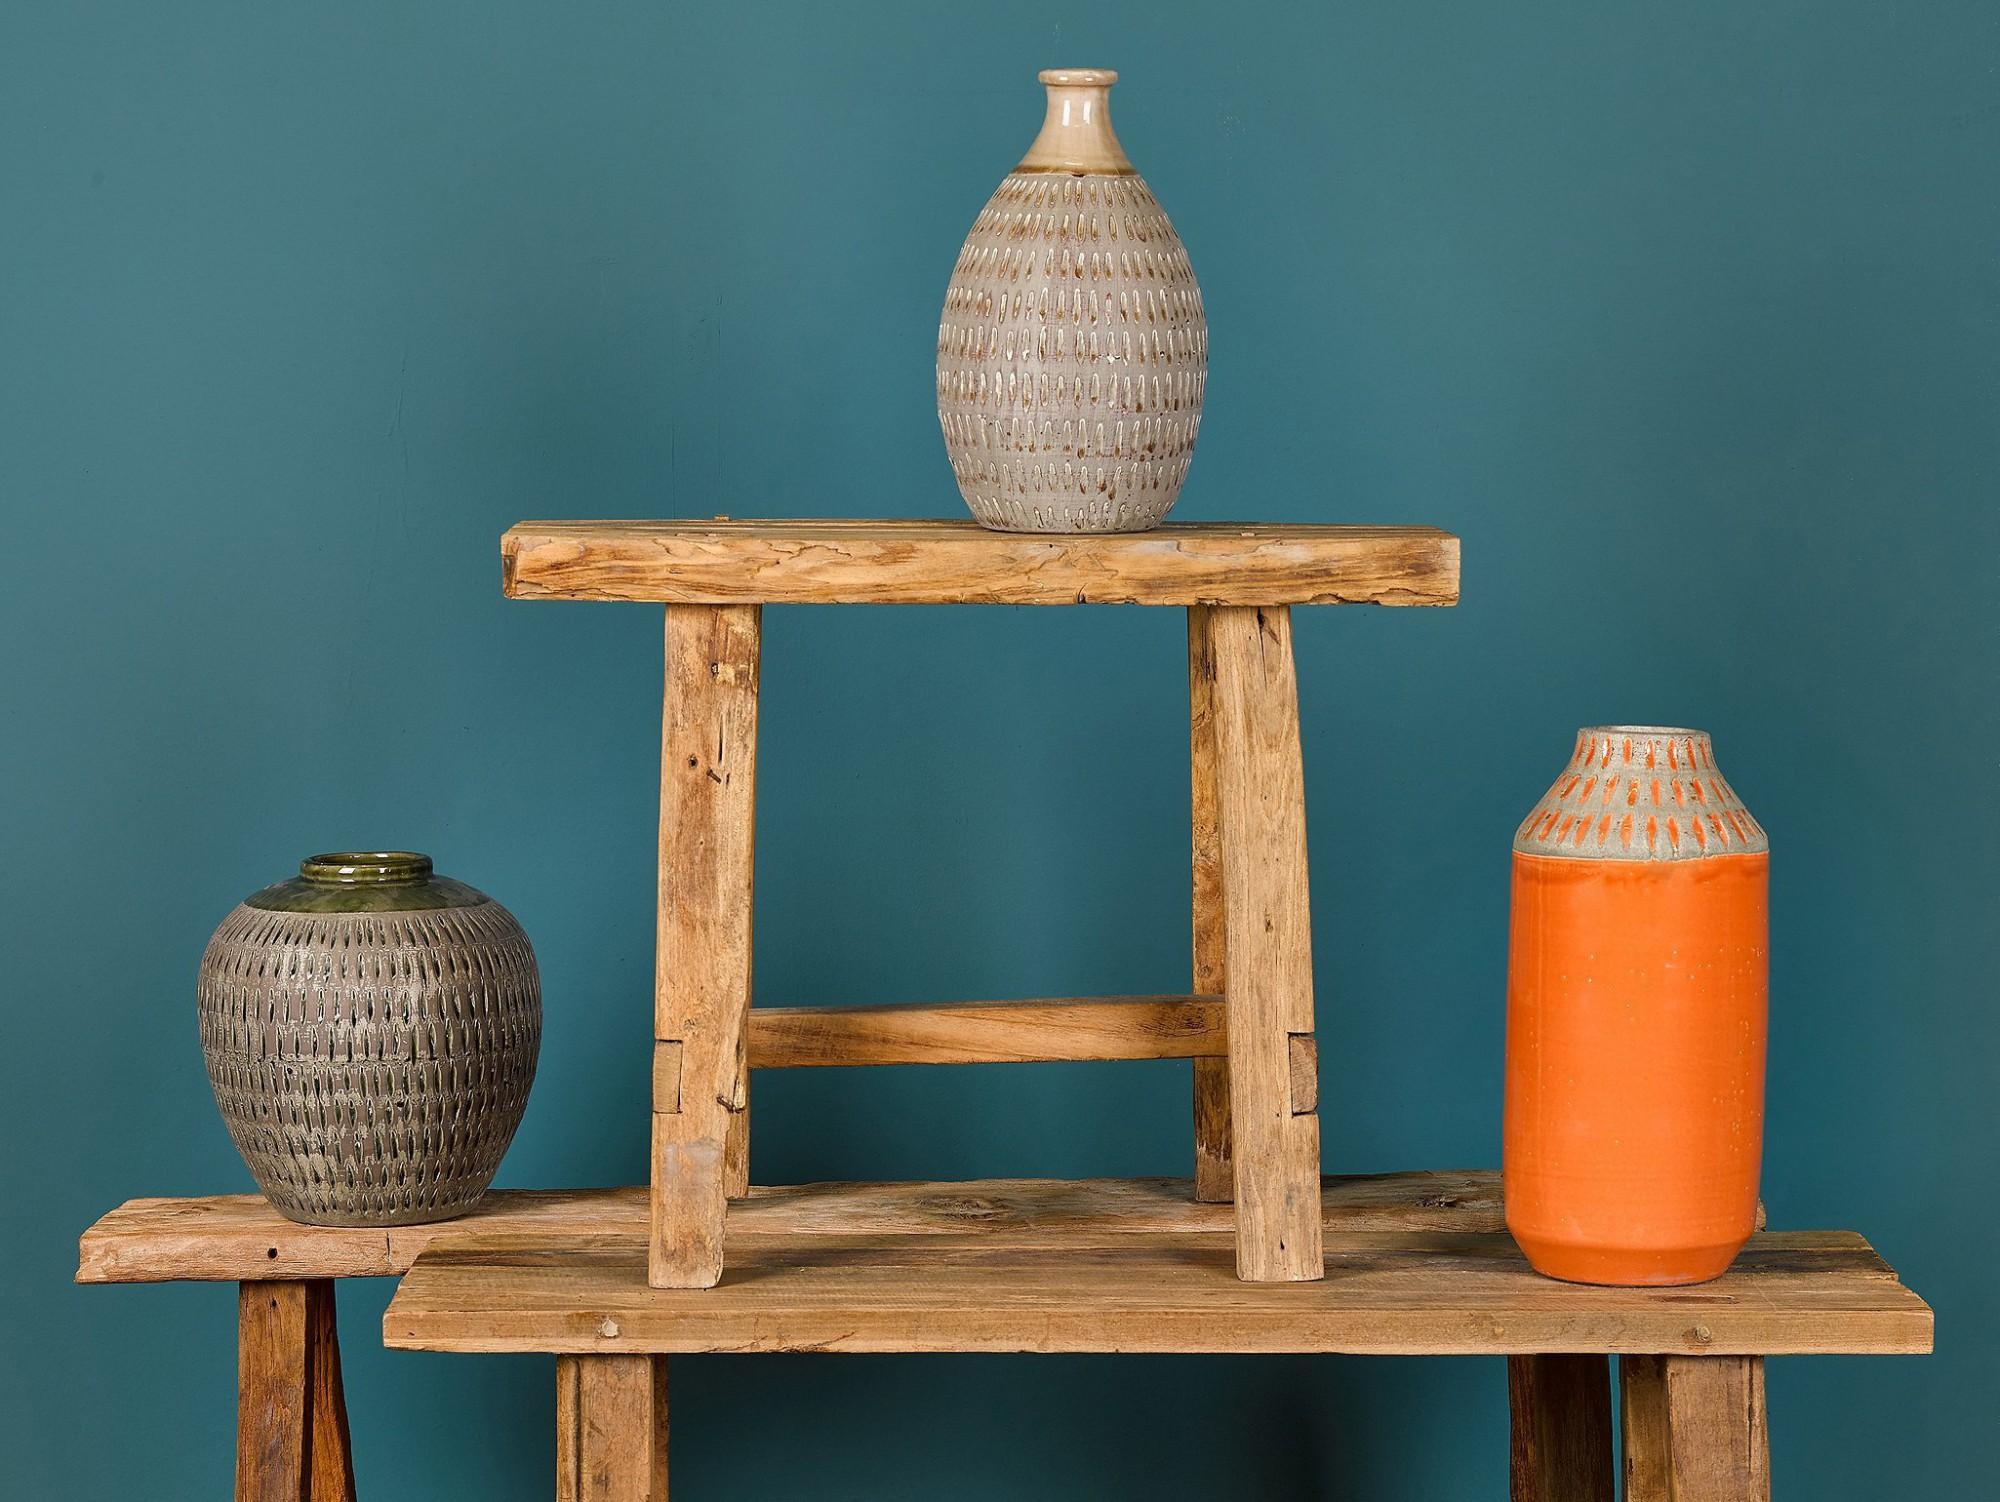 Afbeelding: Studio op locatie Simla, sfeer en compositie hout en aardewerk.